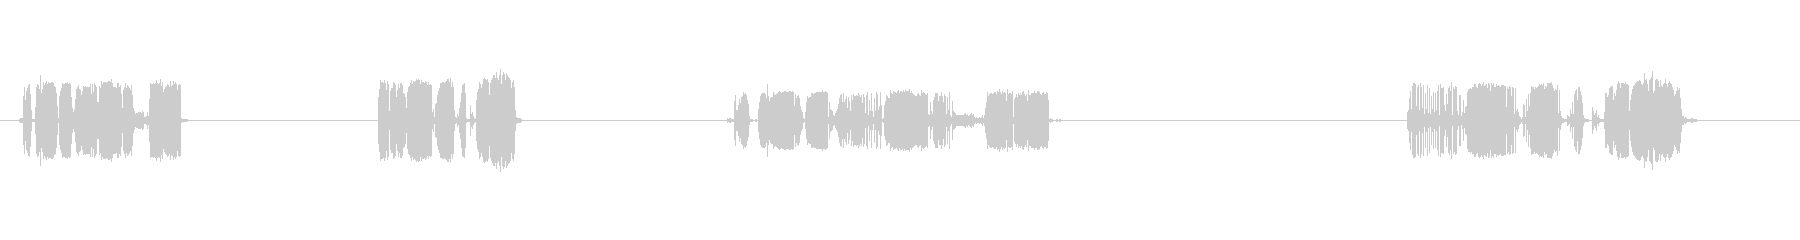 レコードプレーヤー:レコード全体の...の未再生の波形